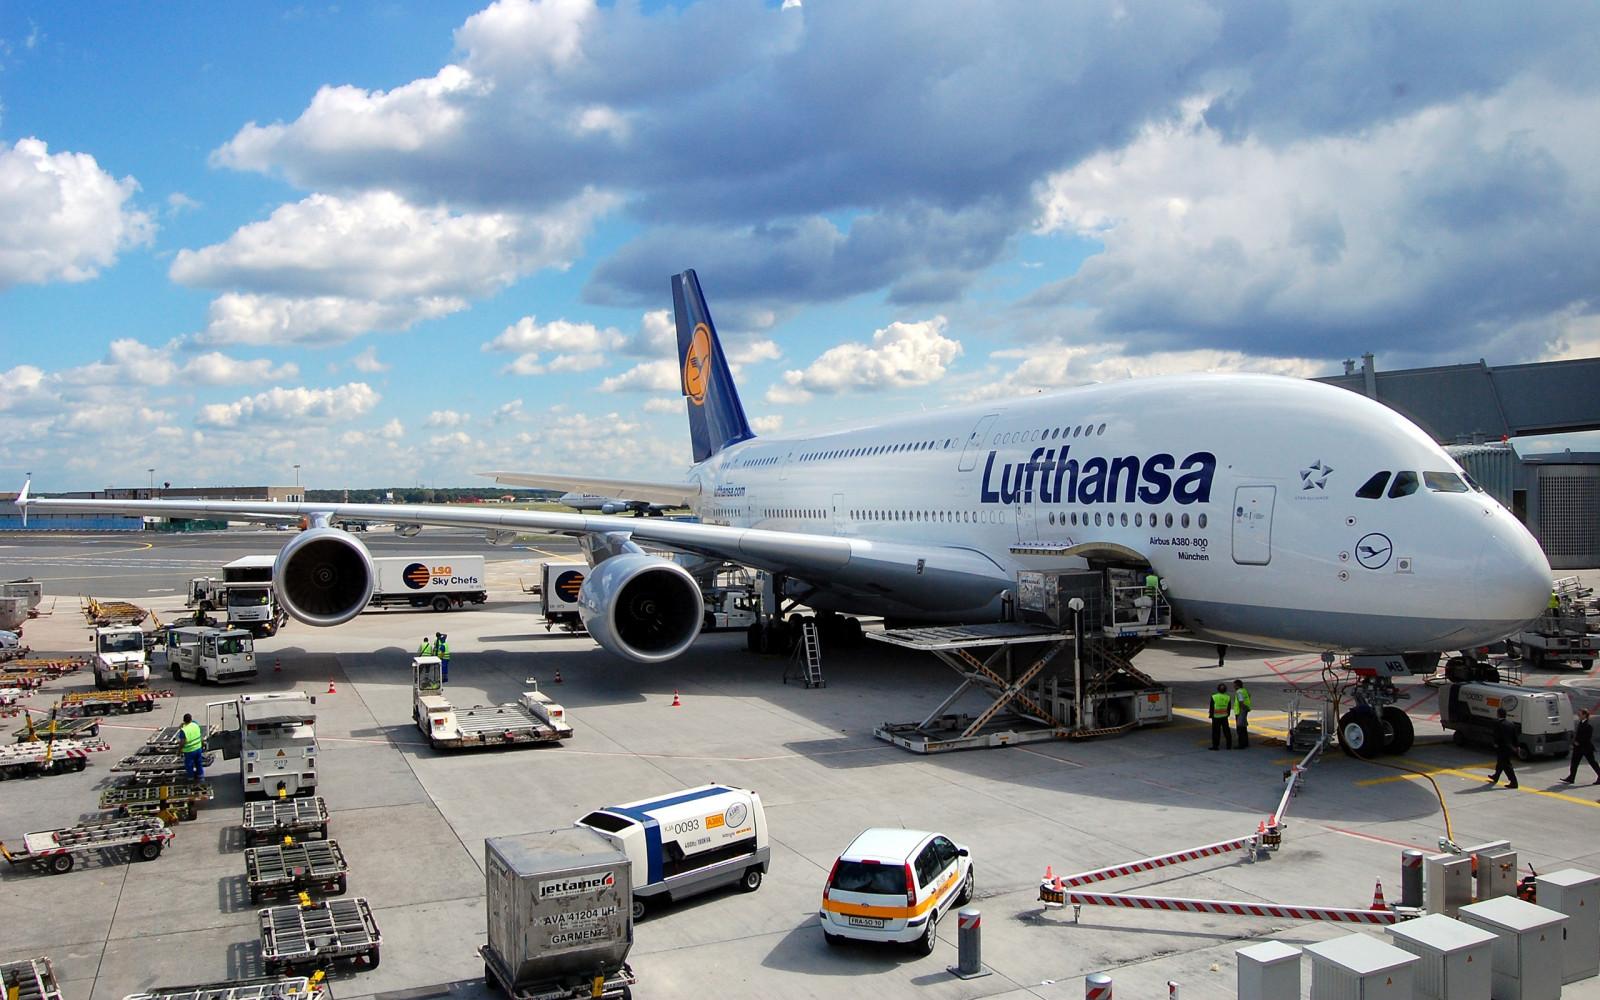 благословит фото огромных аэробусов крупным планом в аэропорту сюда накатали такое